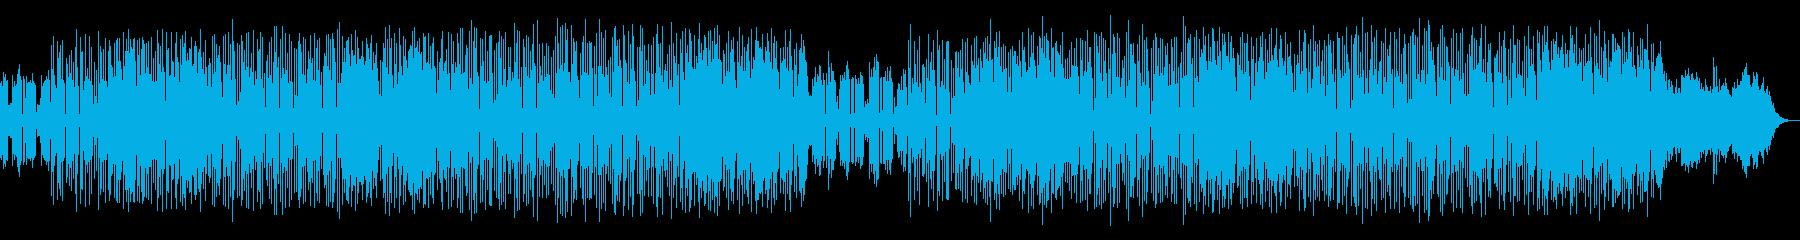 神秘的/SF/インディーポップの再生済みの波形